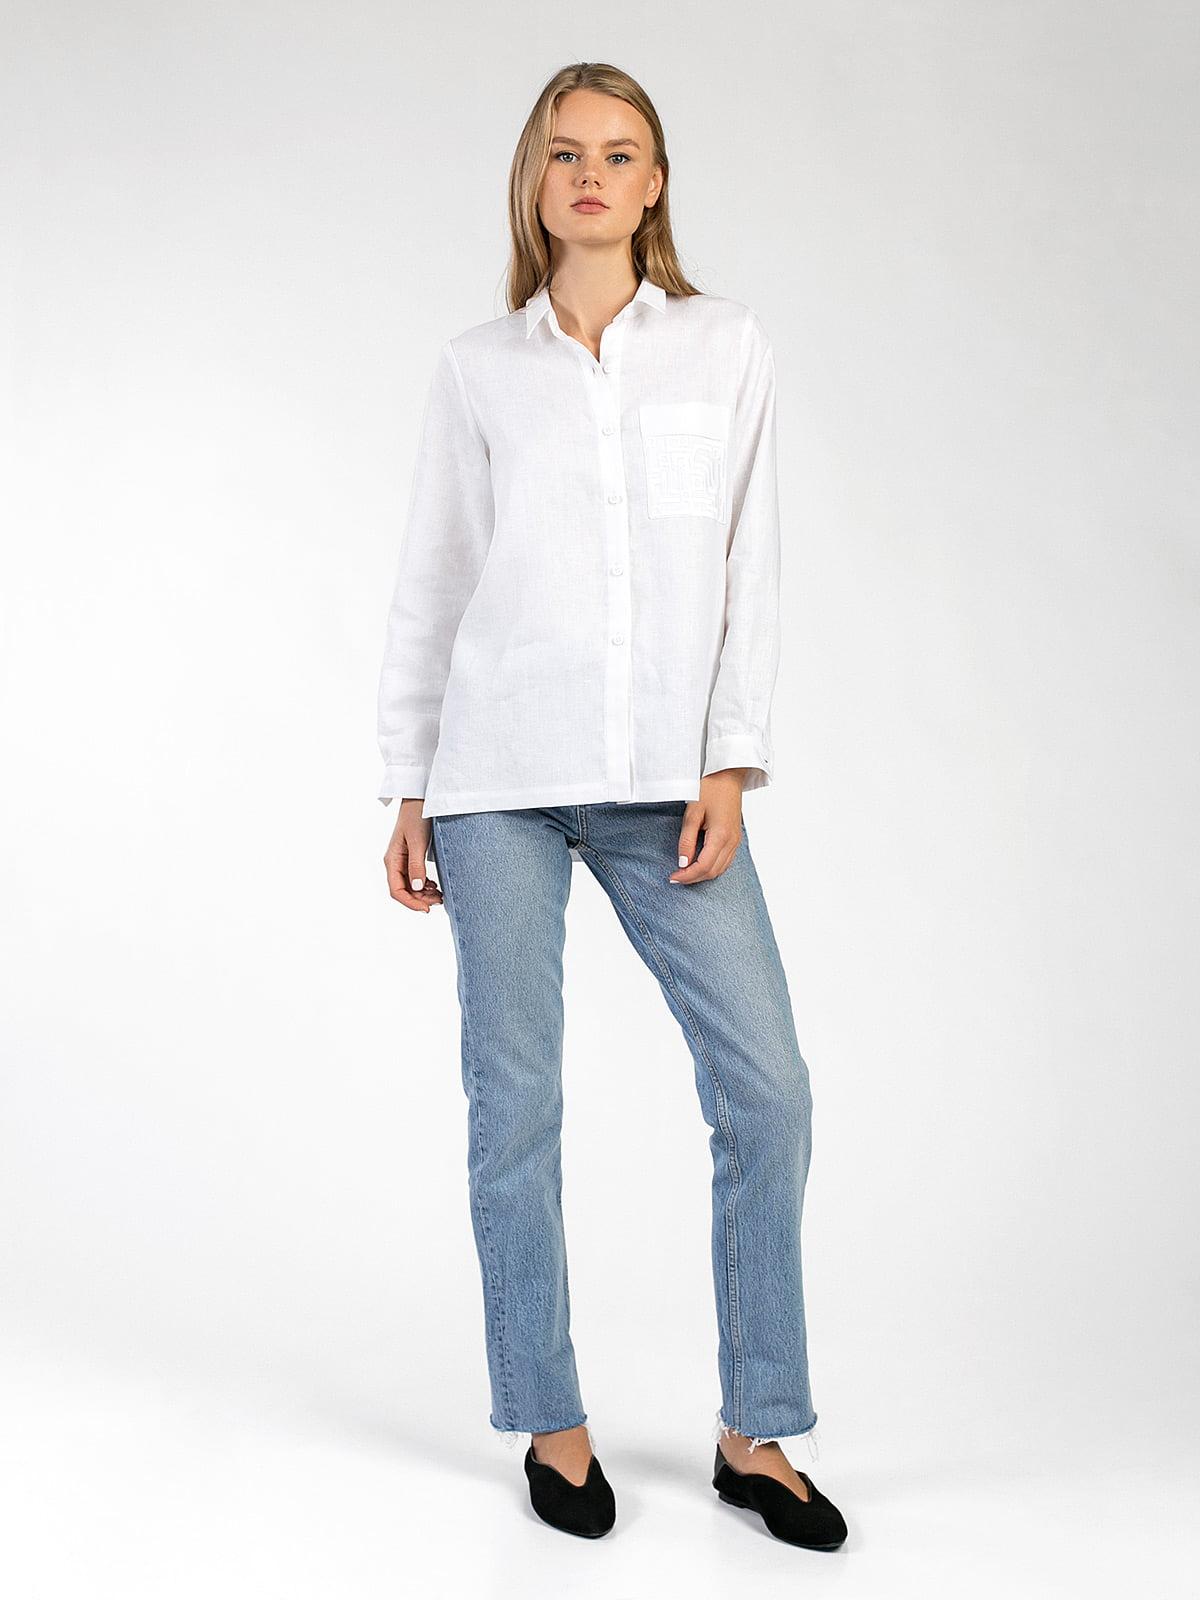 1dc95a1b6f80 Белая льняная рубашка с вышивкой на кармане Simple 3 – купить в ...